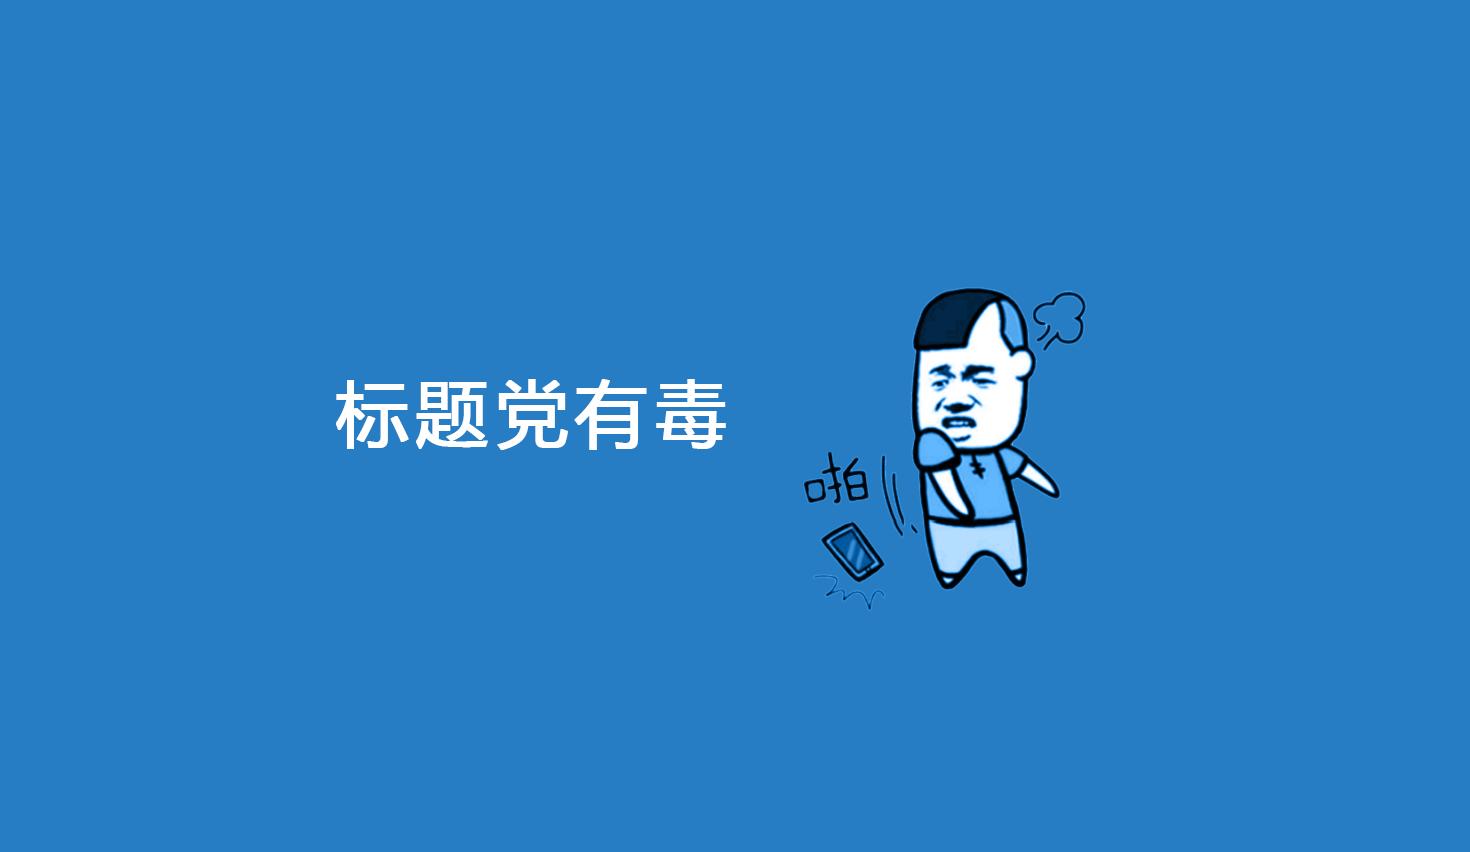 标题党修炼 之 写好标题的WHCB法则 推广营销 第1张